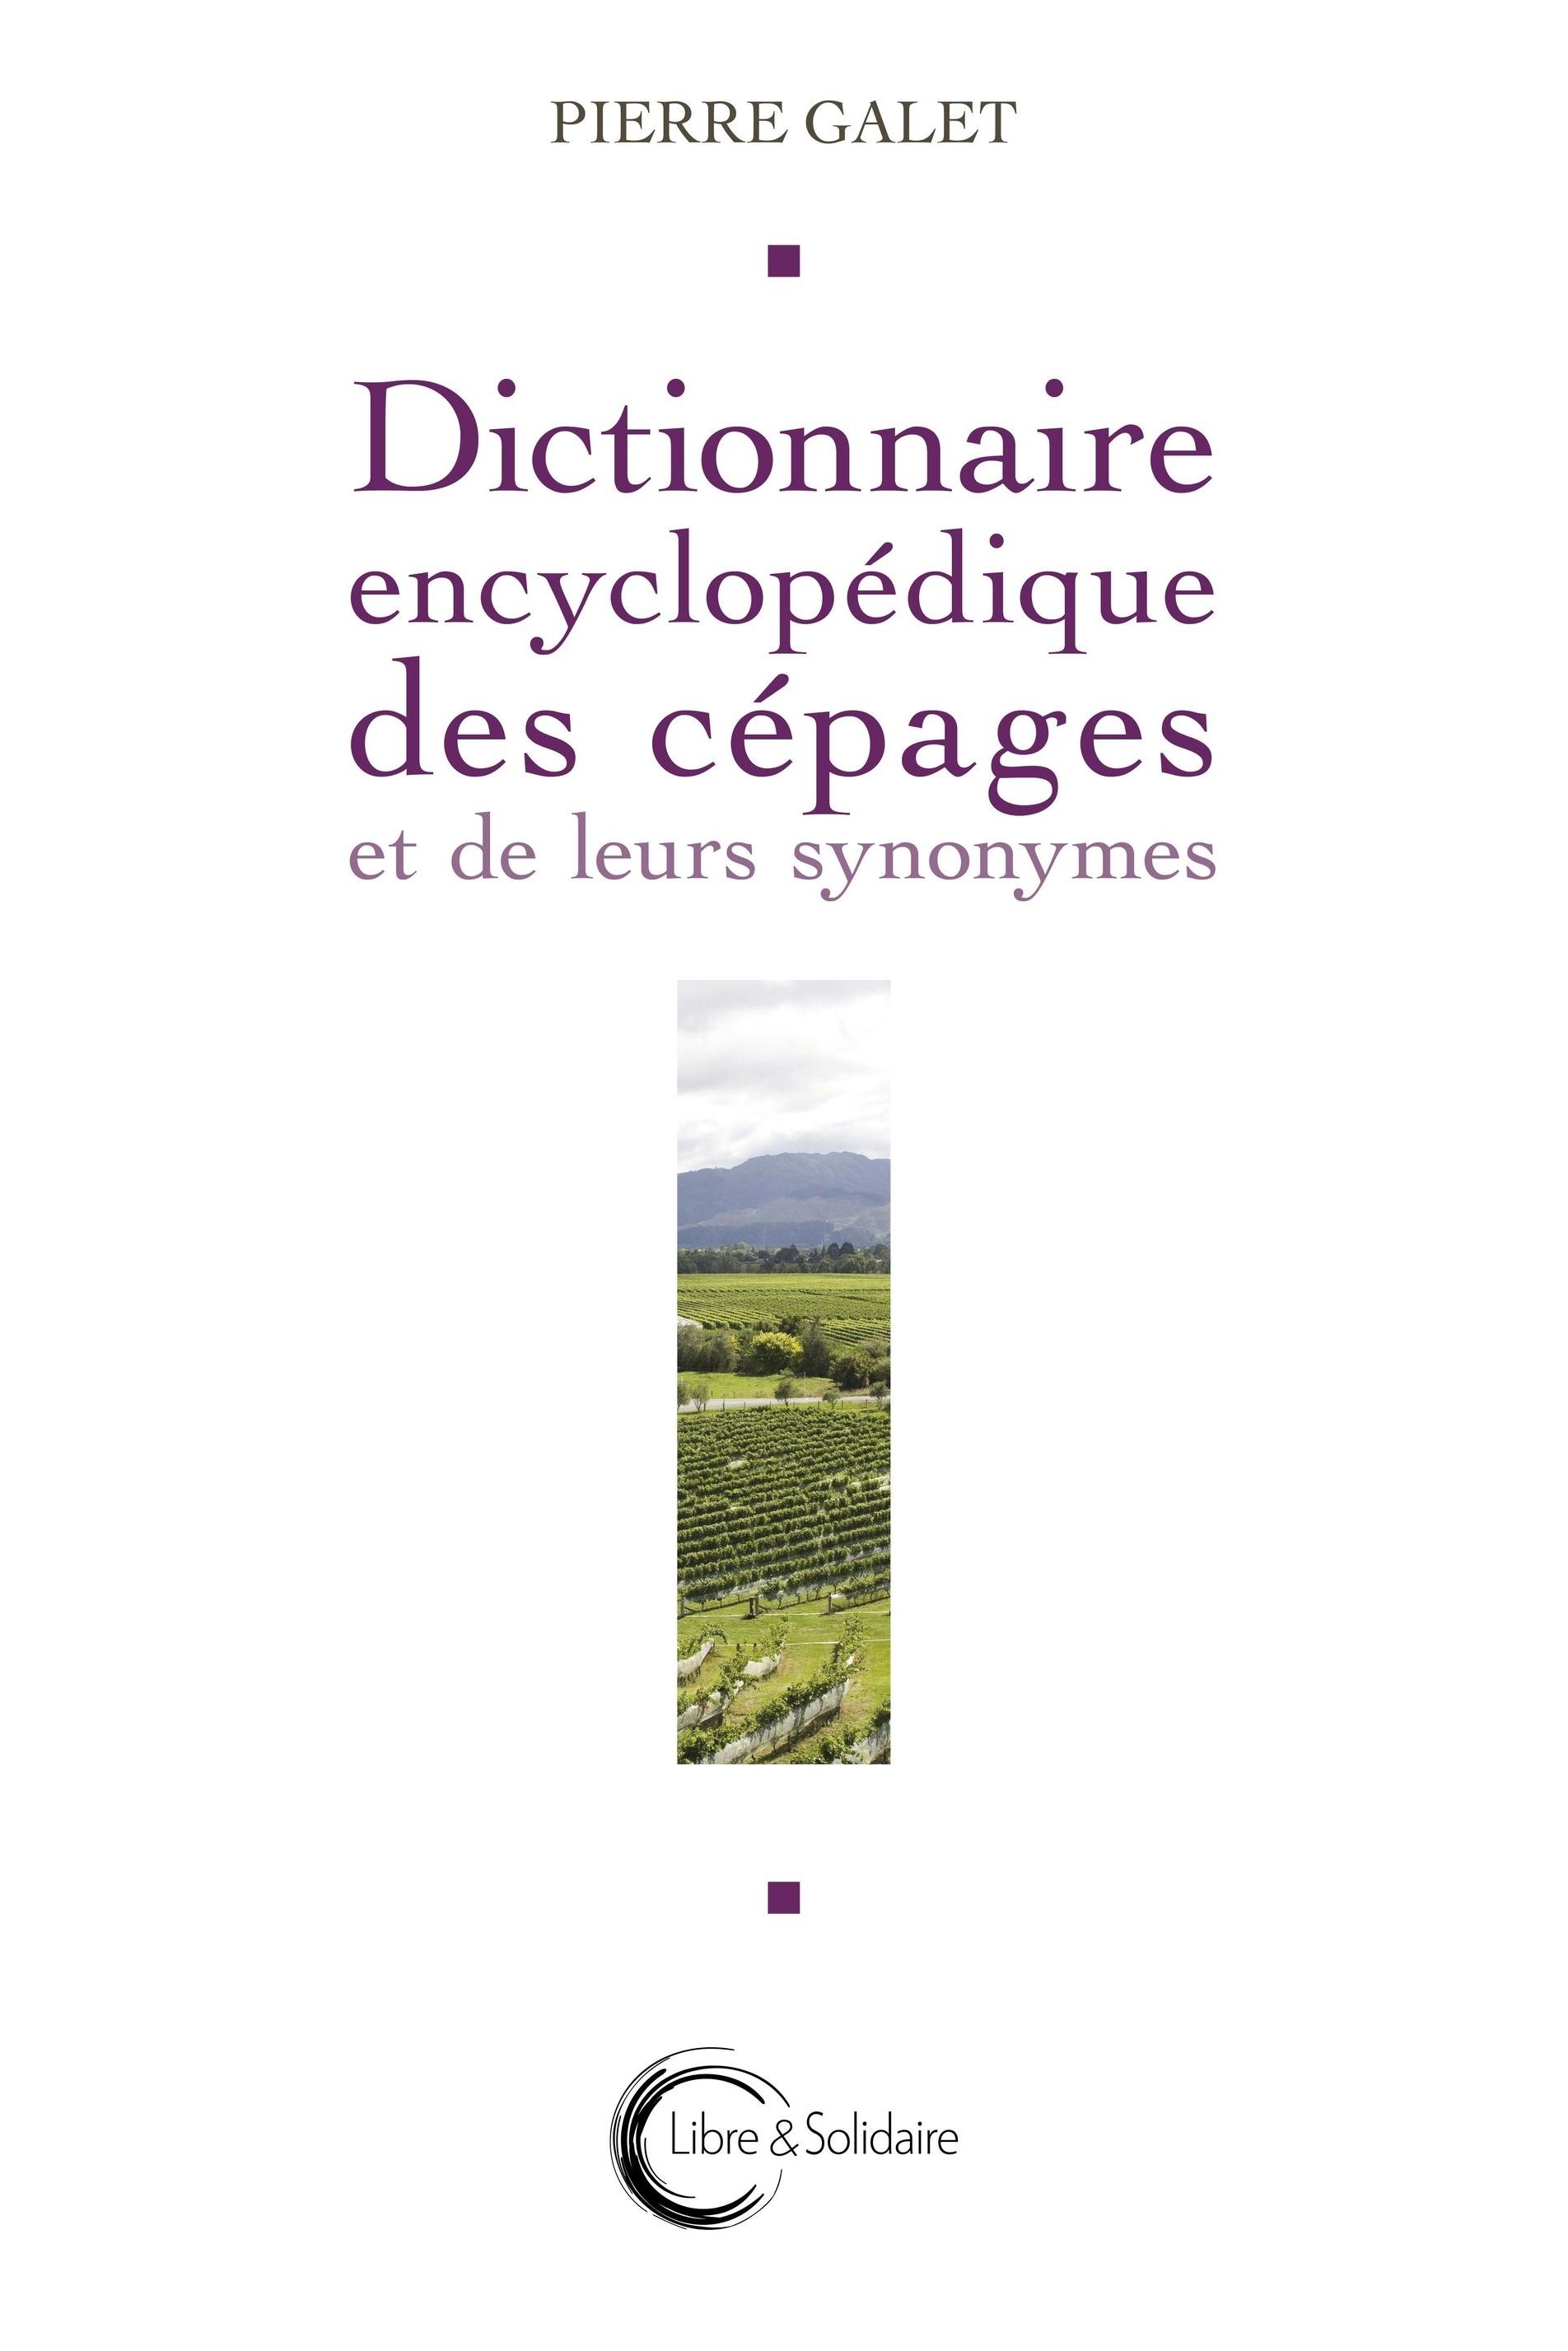 encyclopedie_cepages_galet.jpg